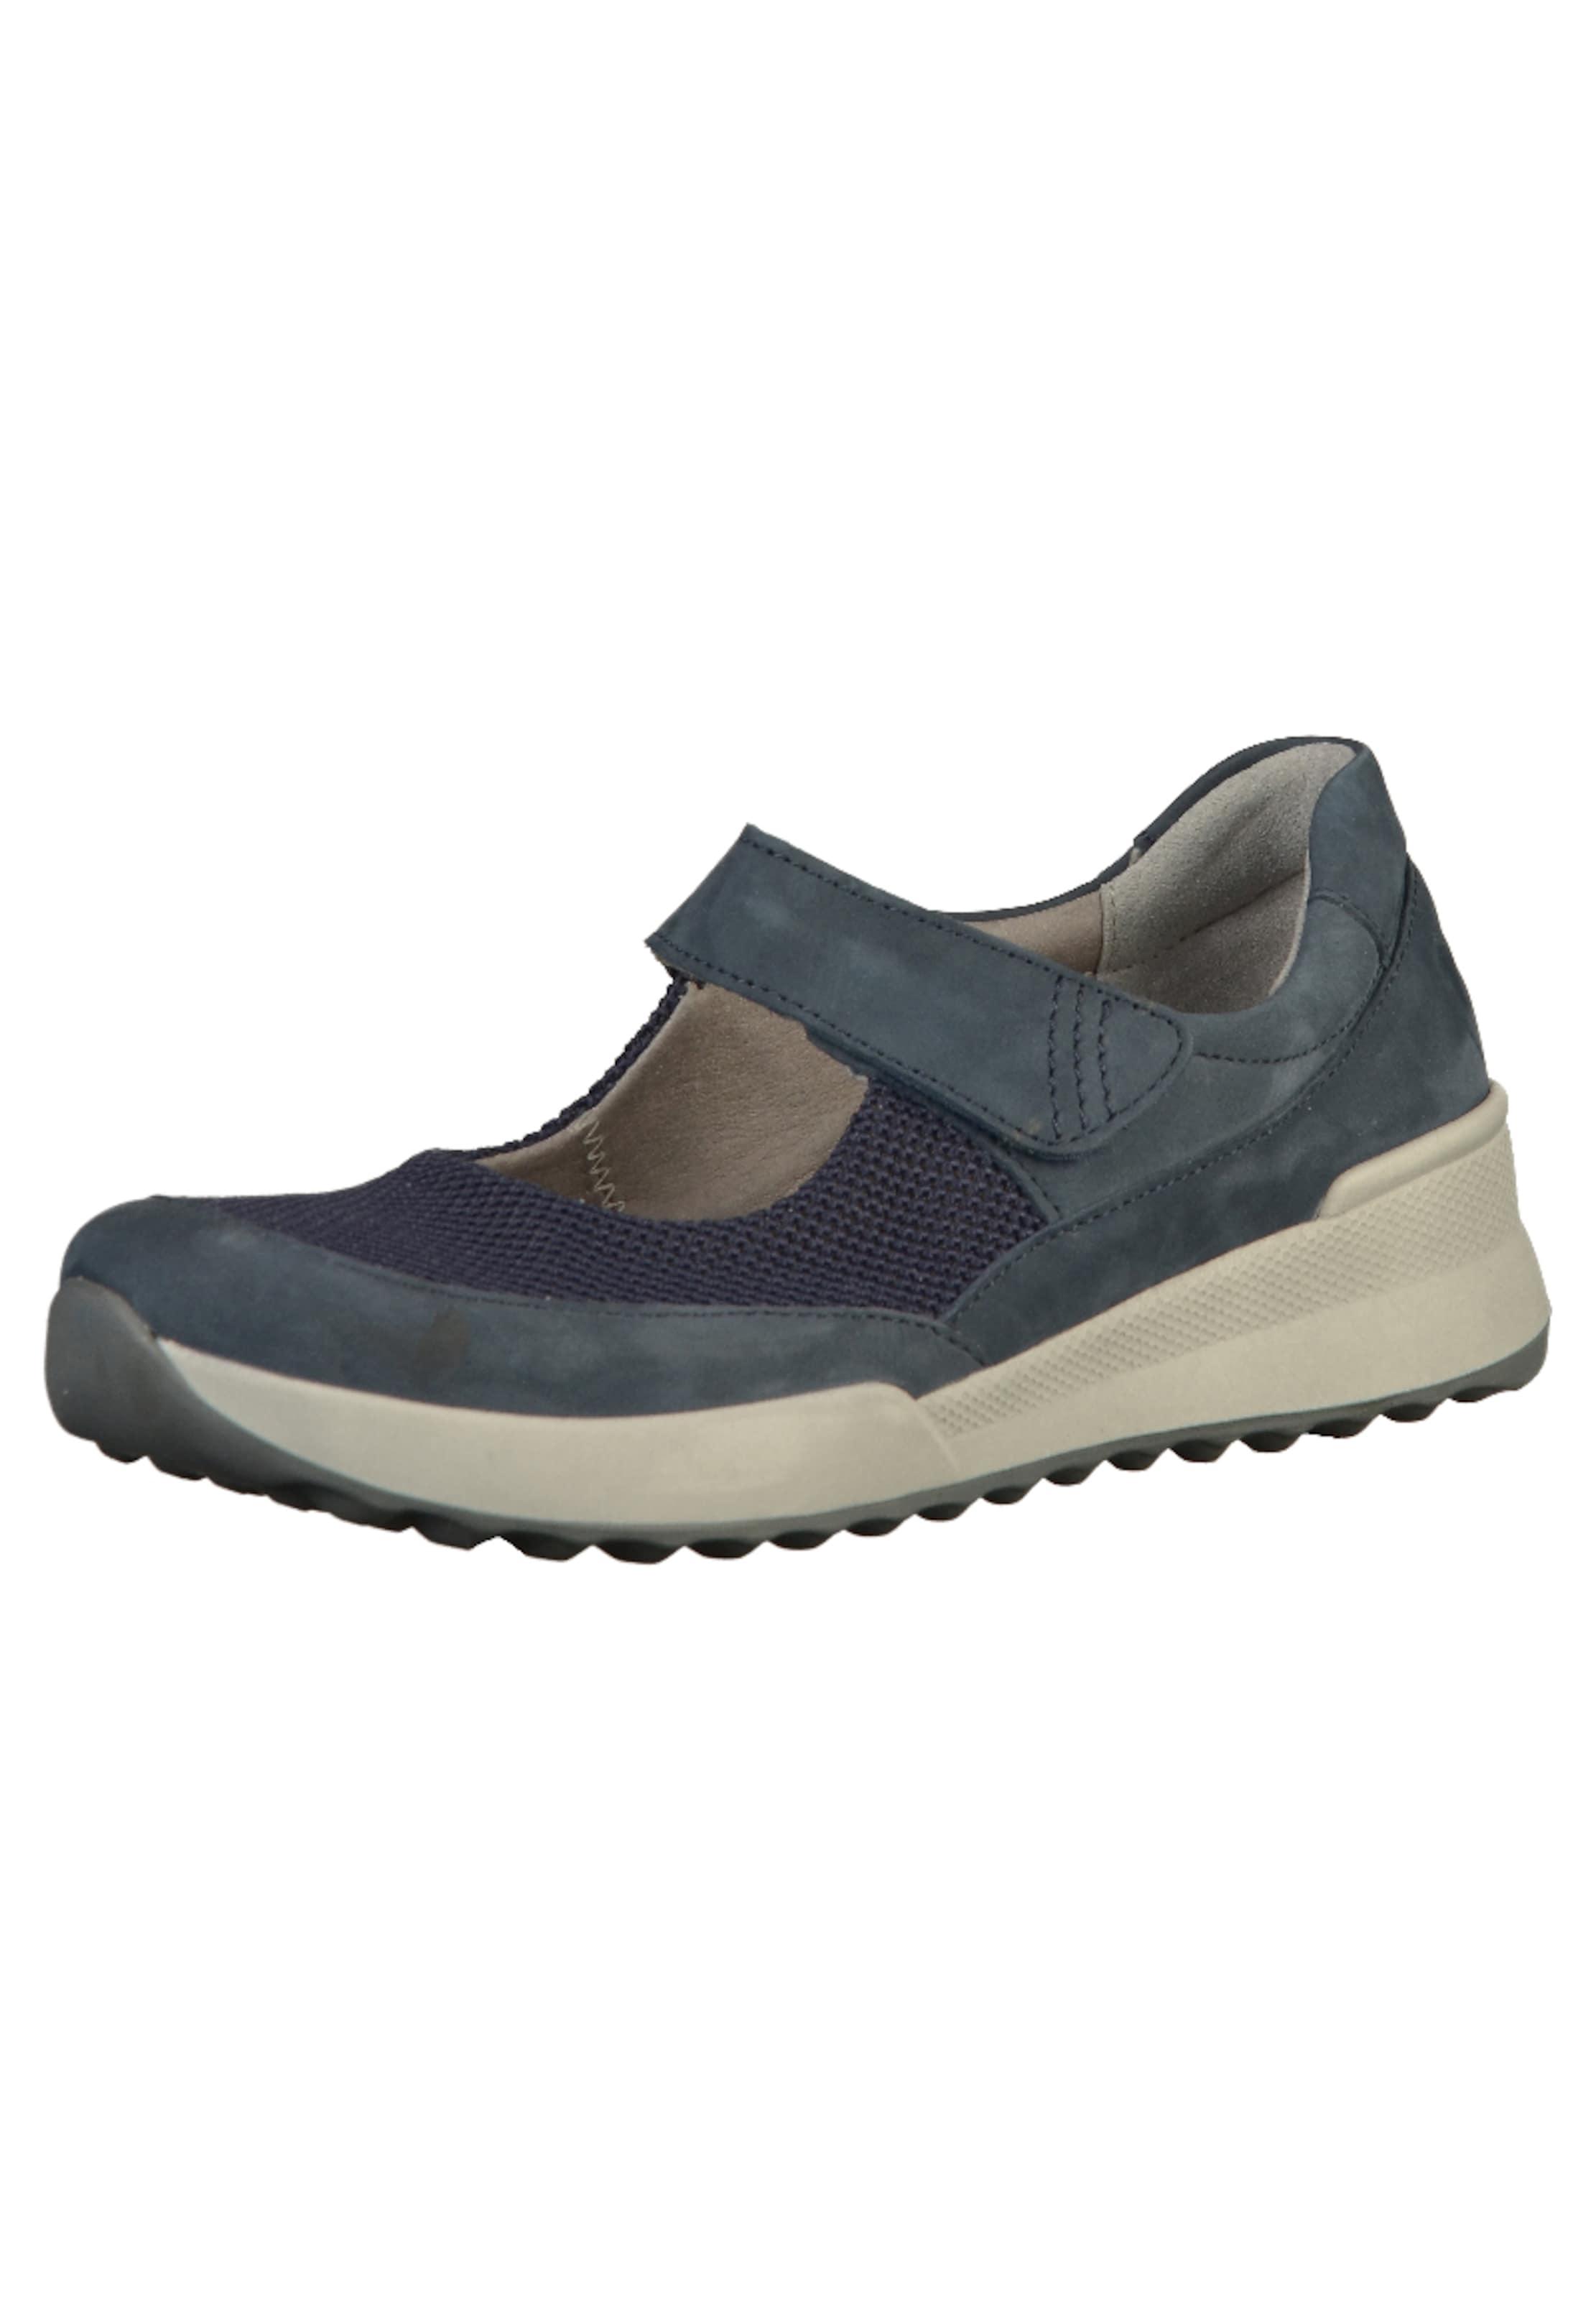 ROMIKA Halbschuhe Verschleißfeste billige Schuhe Hohe Qualität